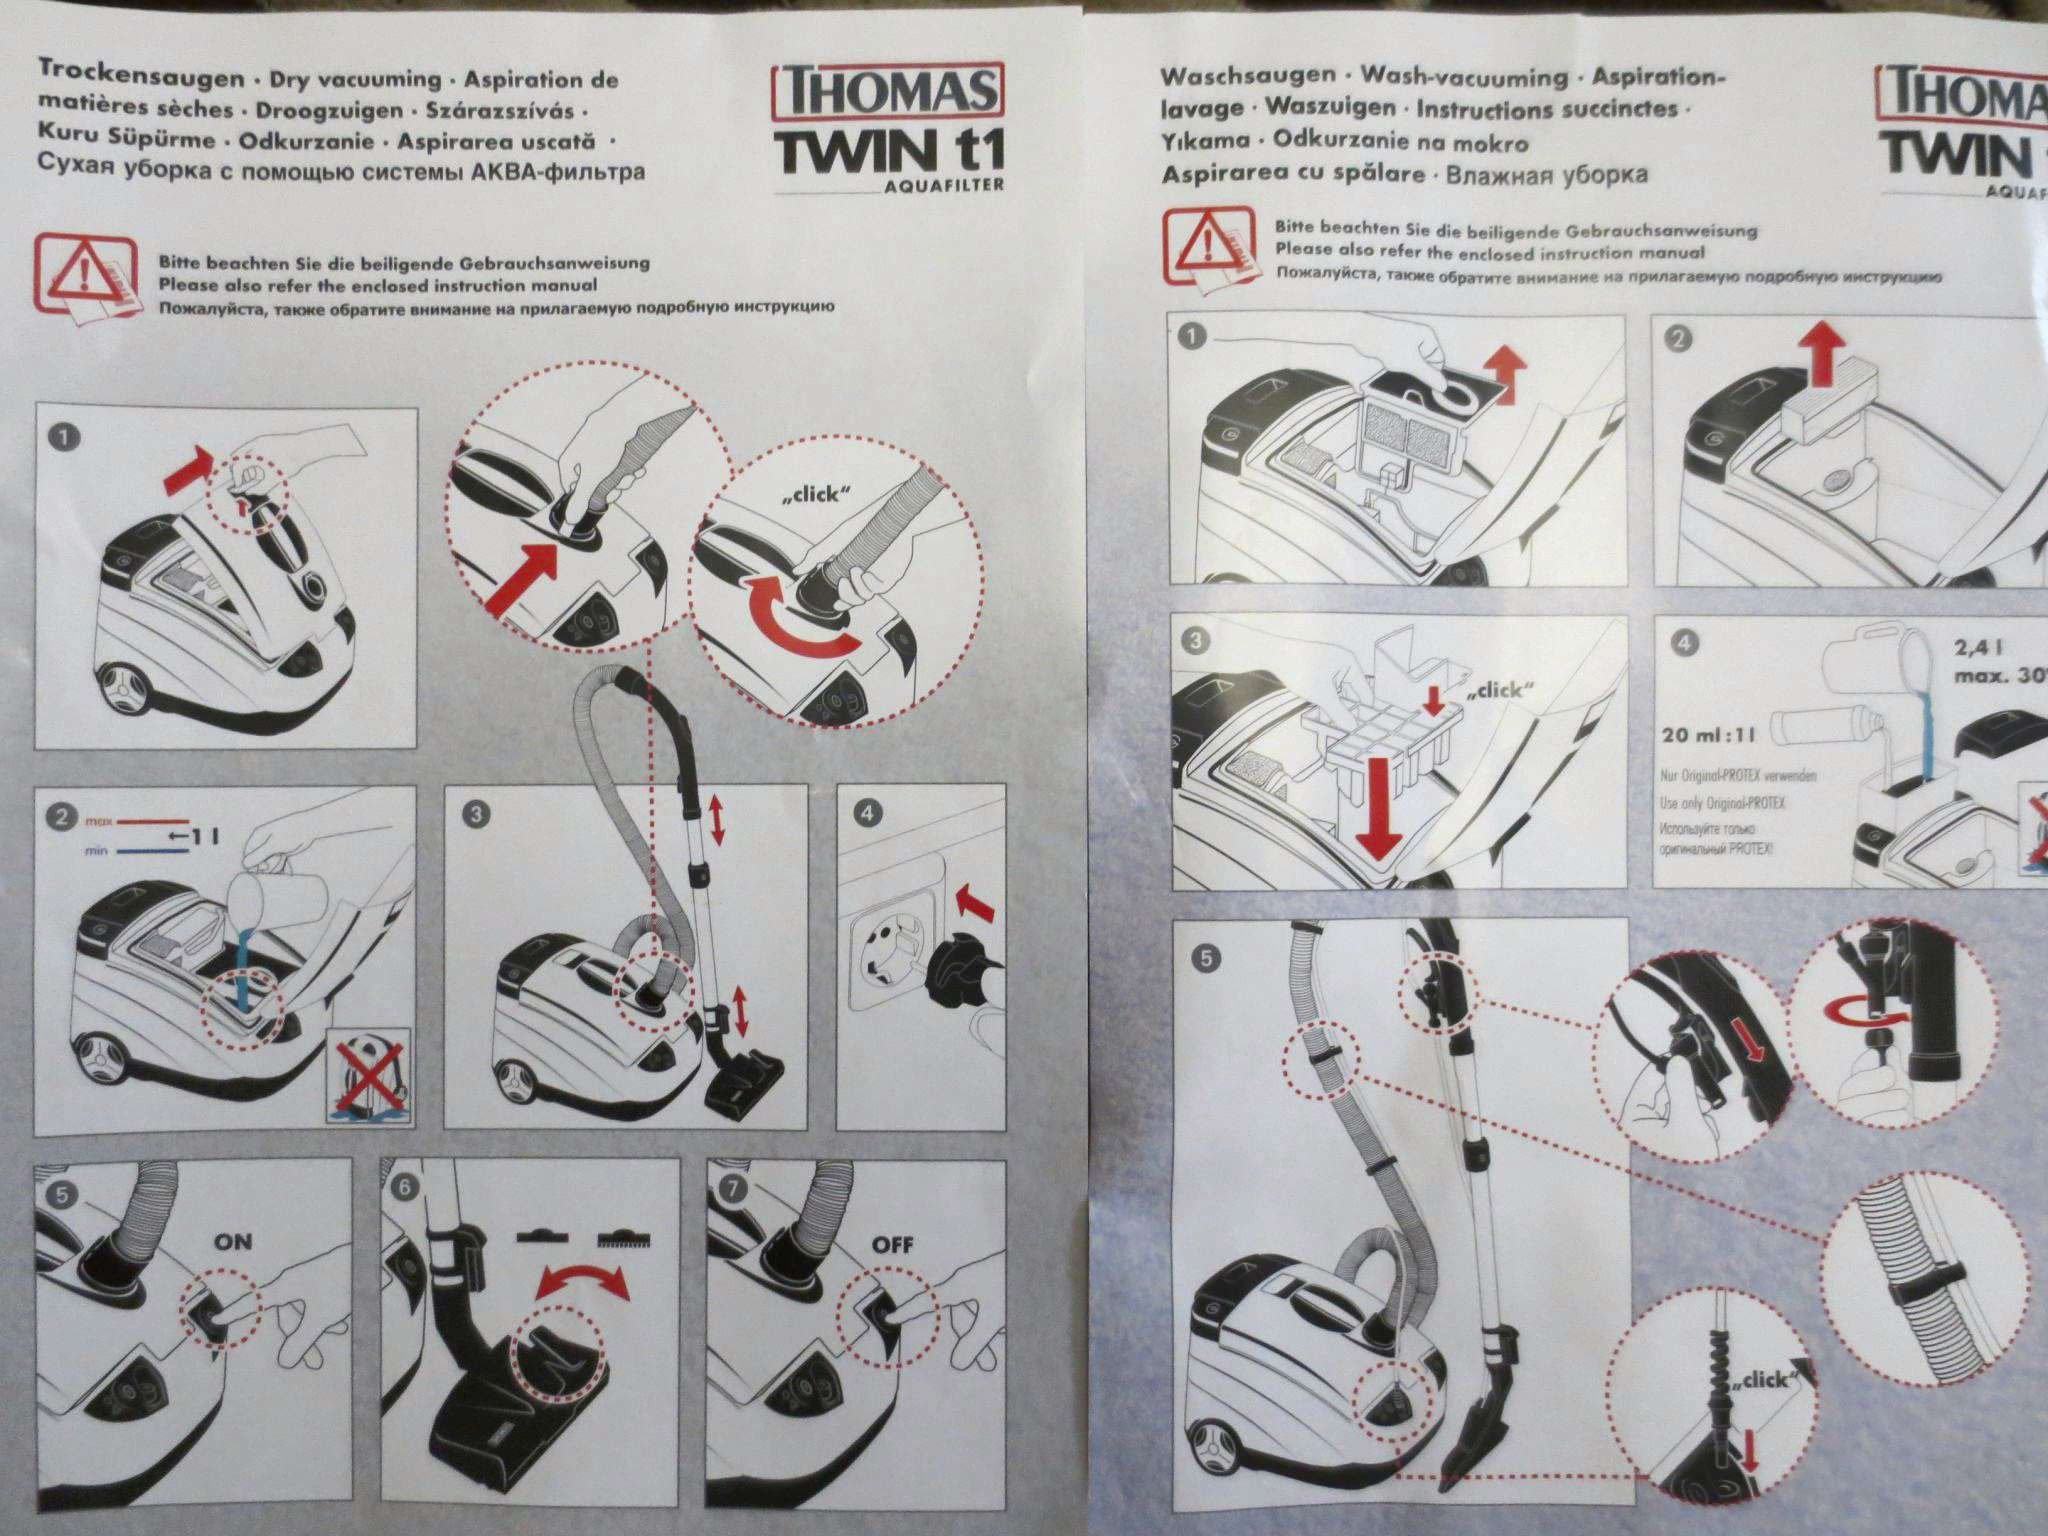 Инструкция по использованию пылесоса томас